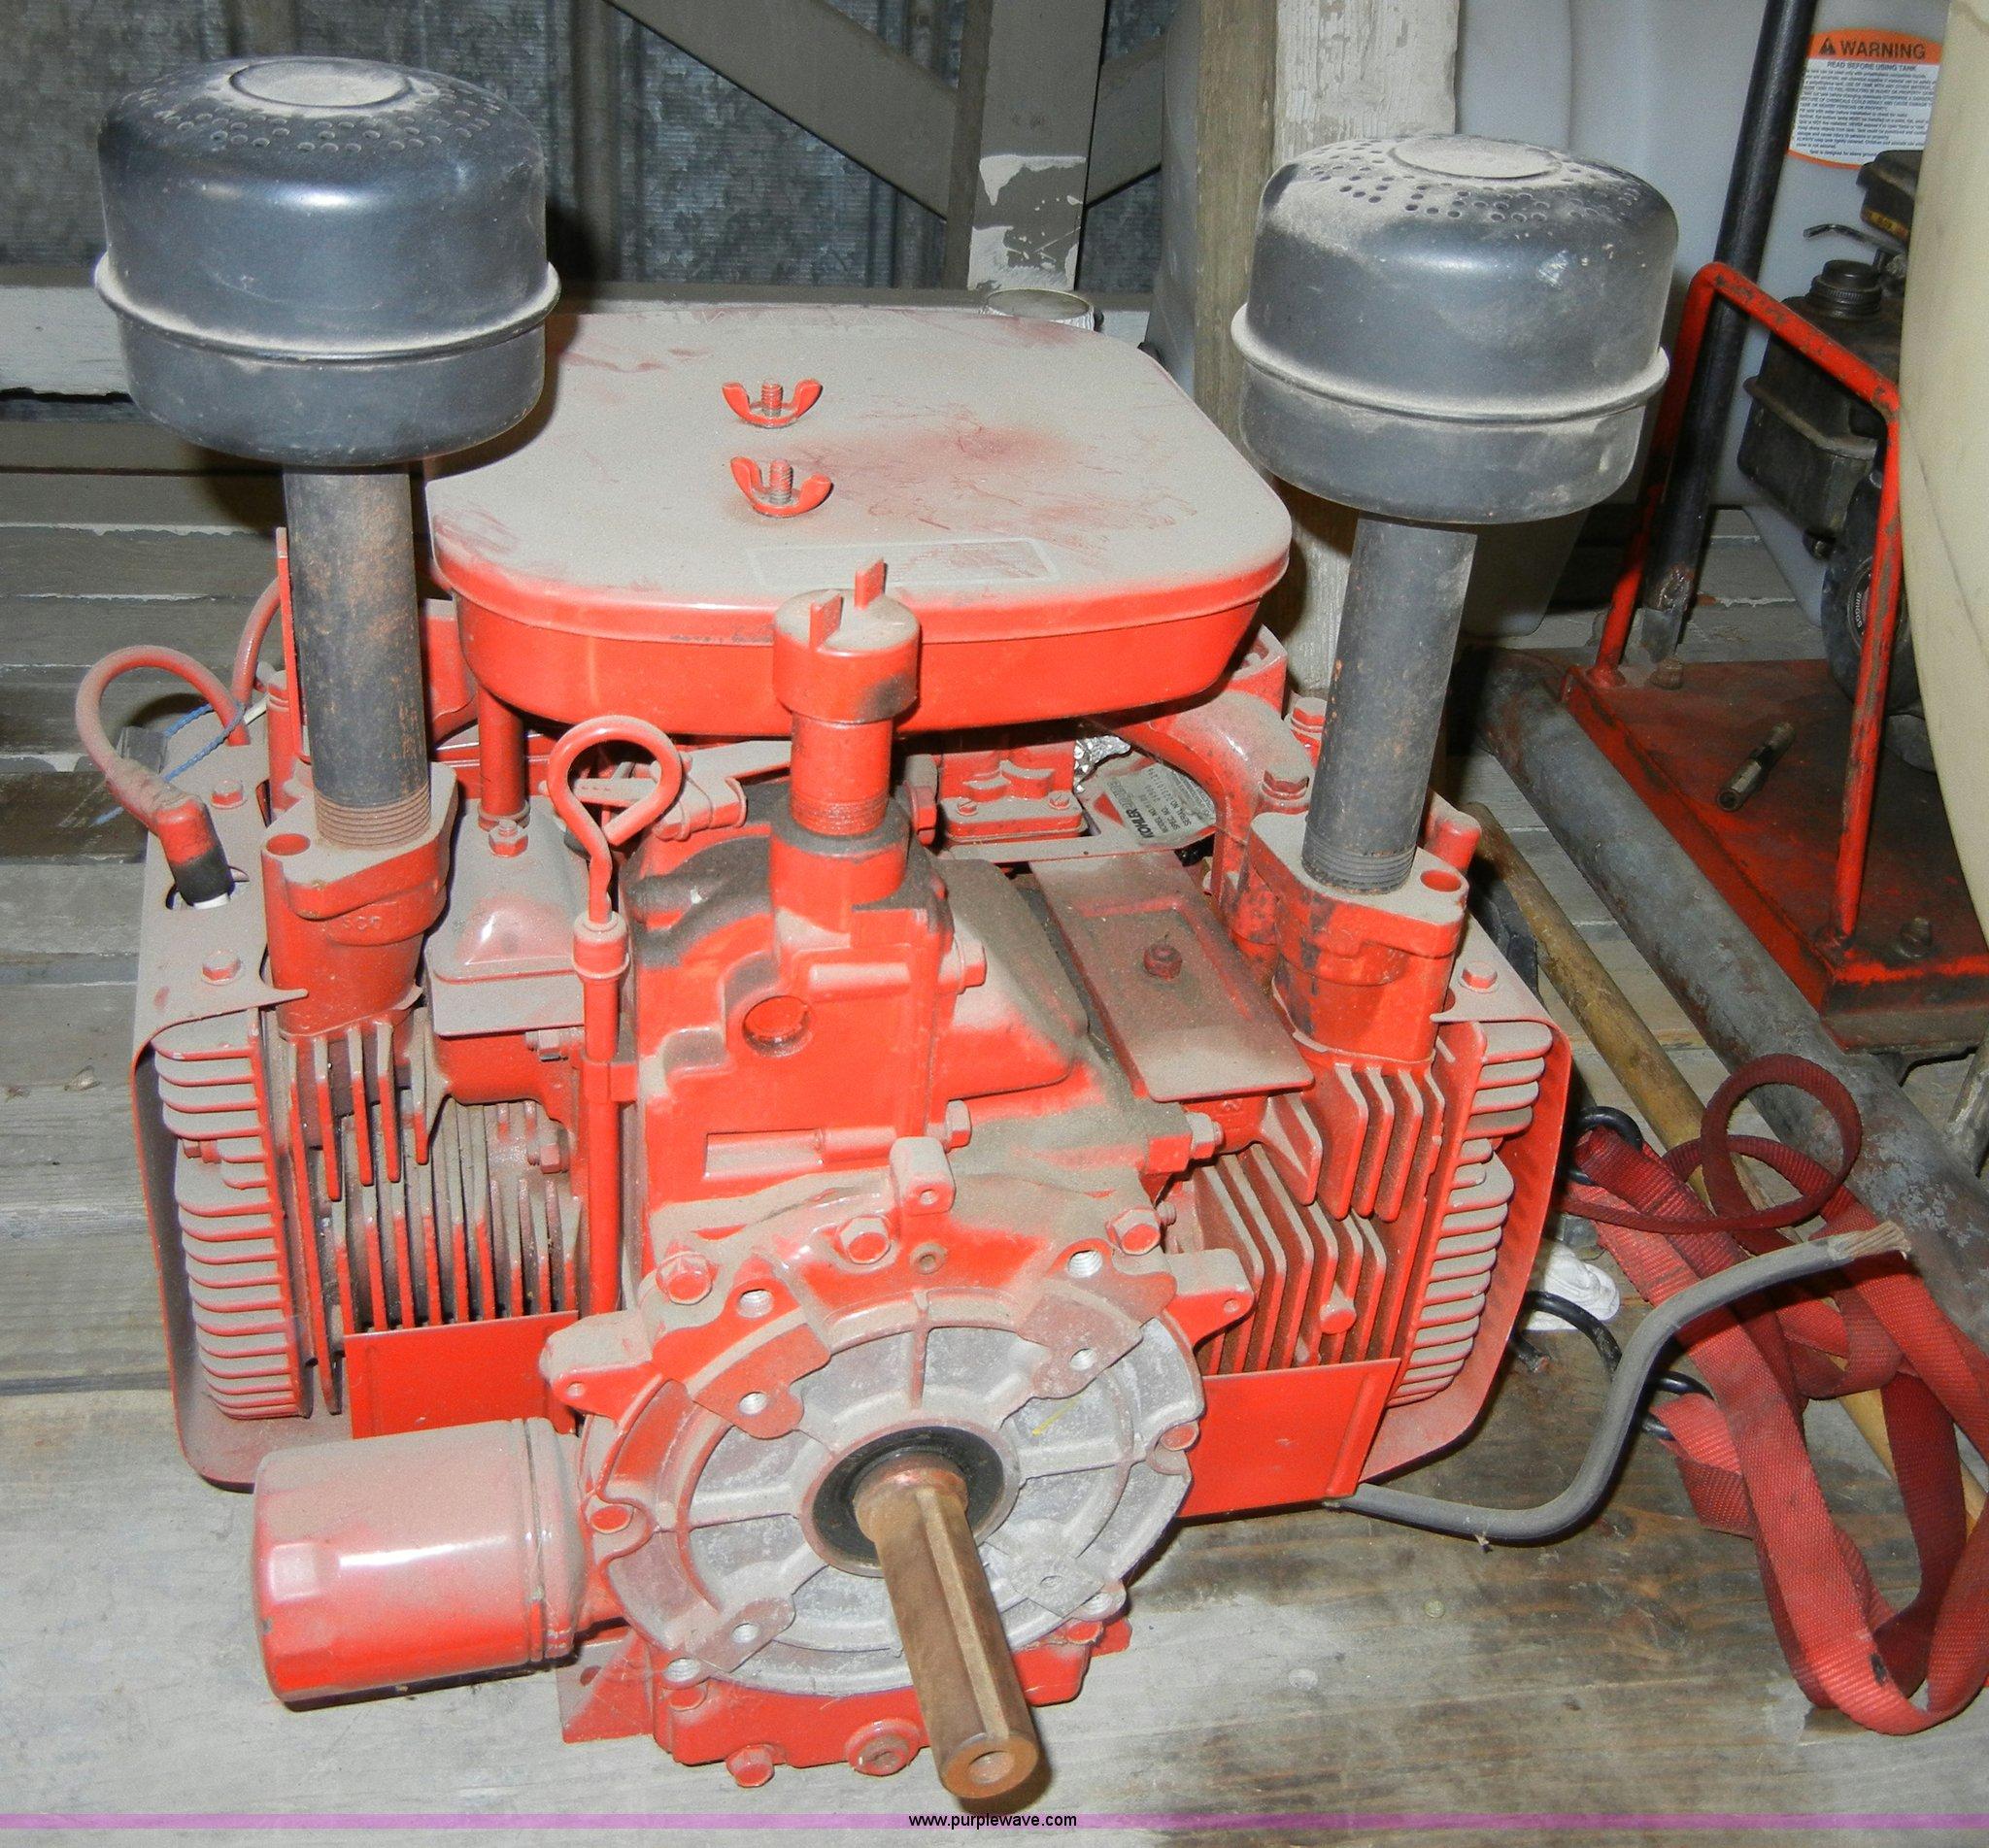 Wiring Diagram For A 18 Hp Magnum Kohler Including 25 Hp Kohler Engine